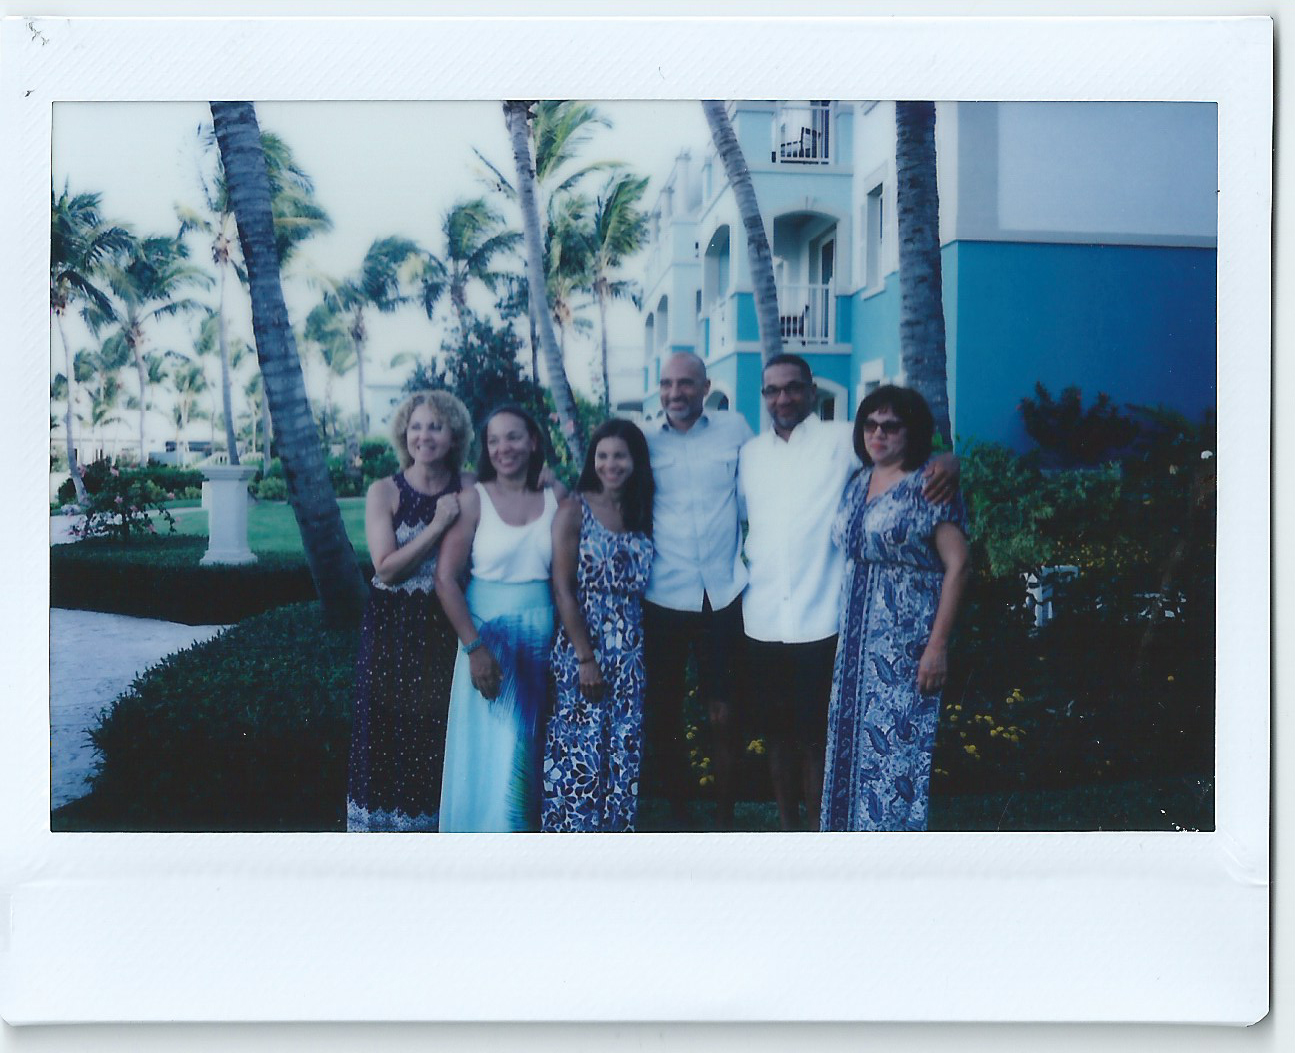 bahamas 7.jpeg